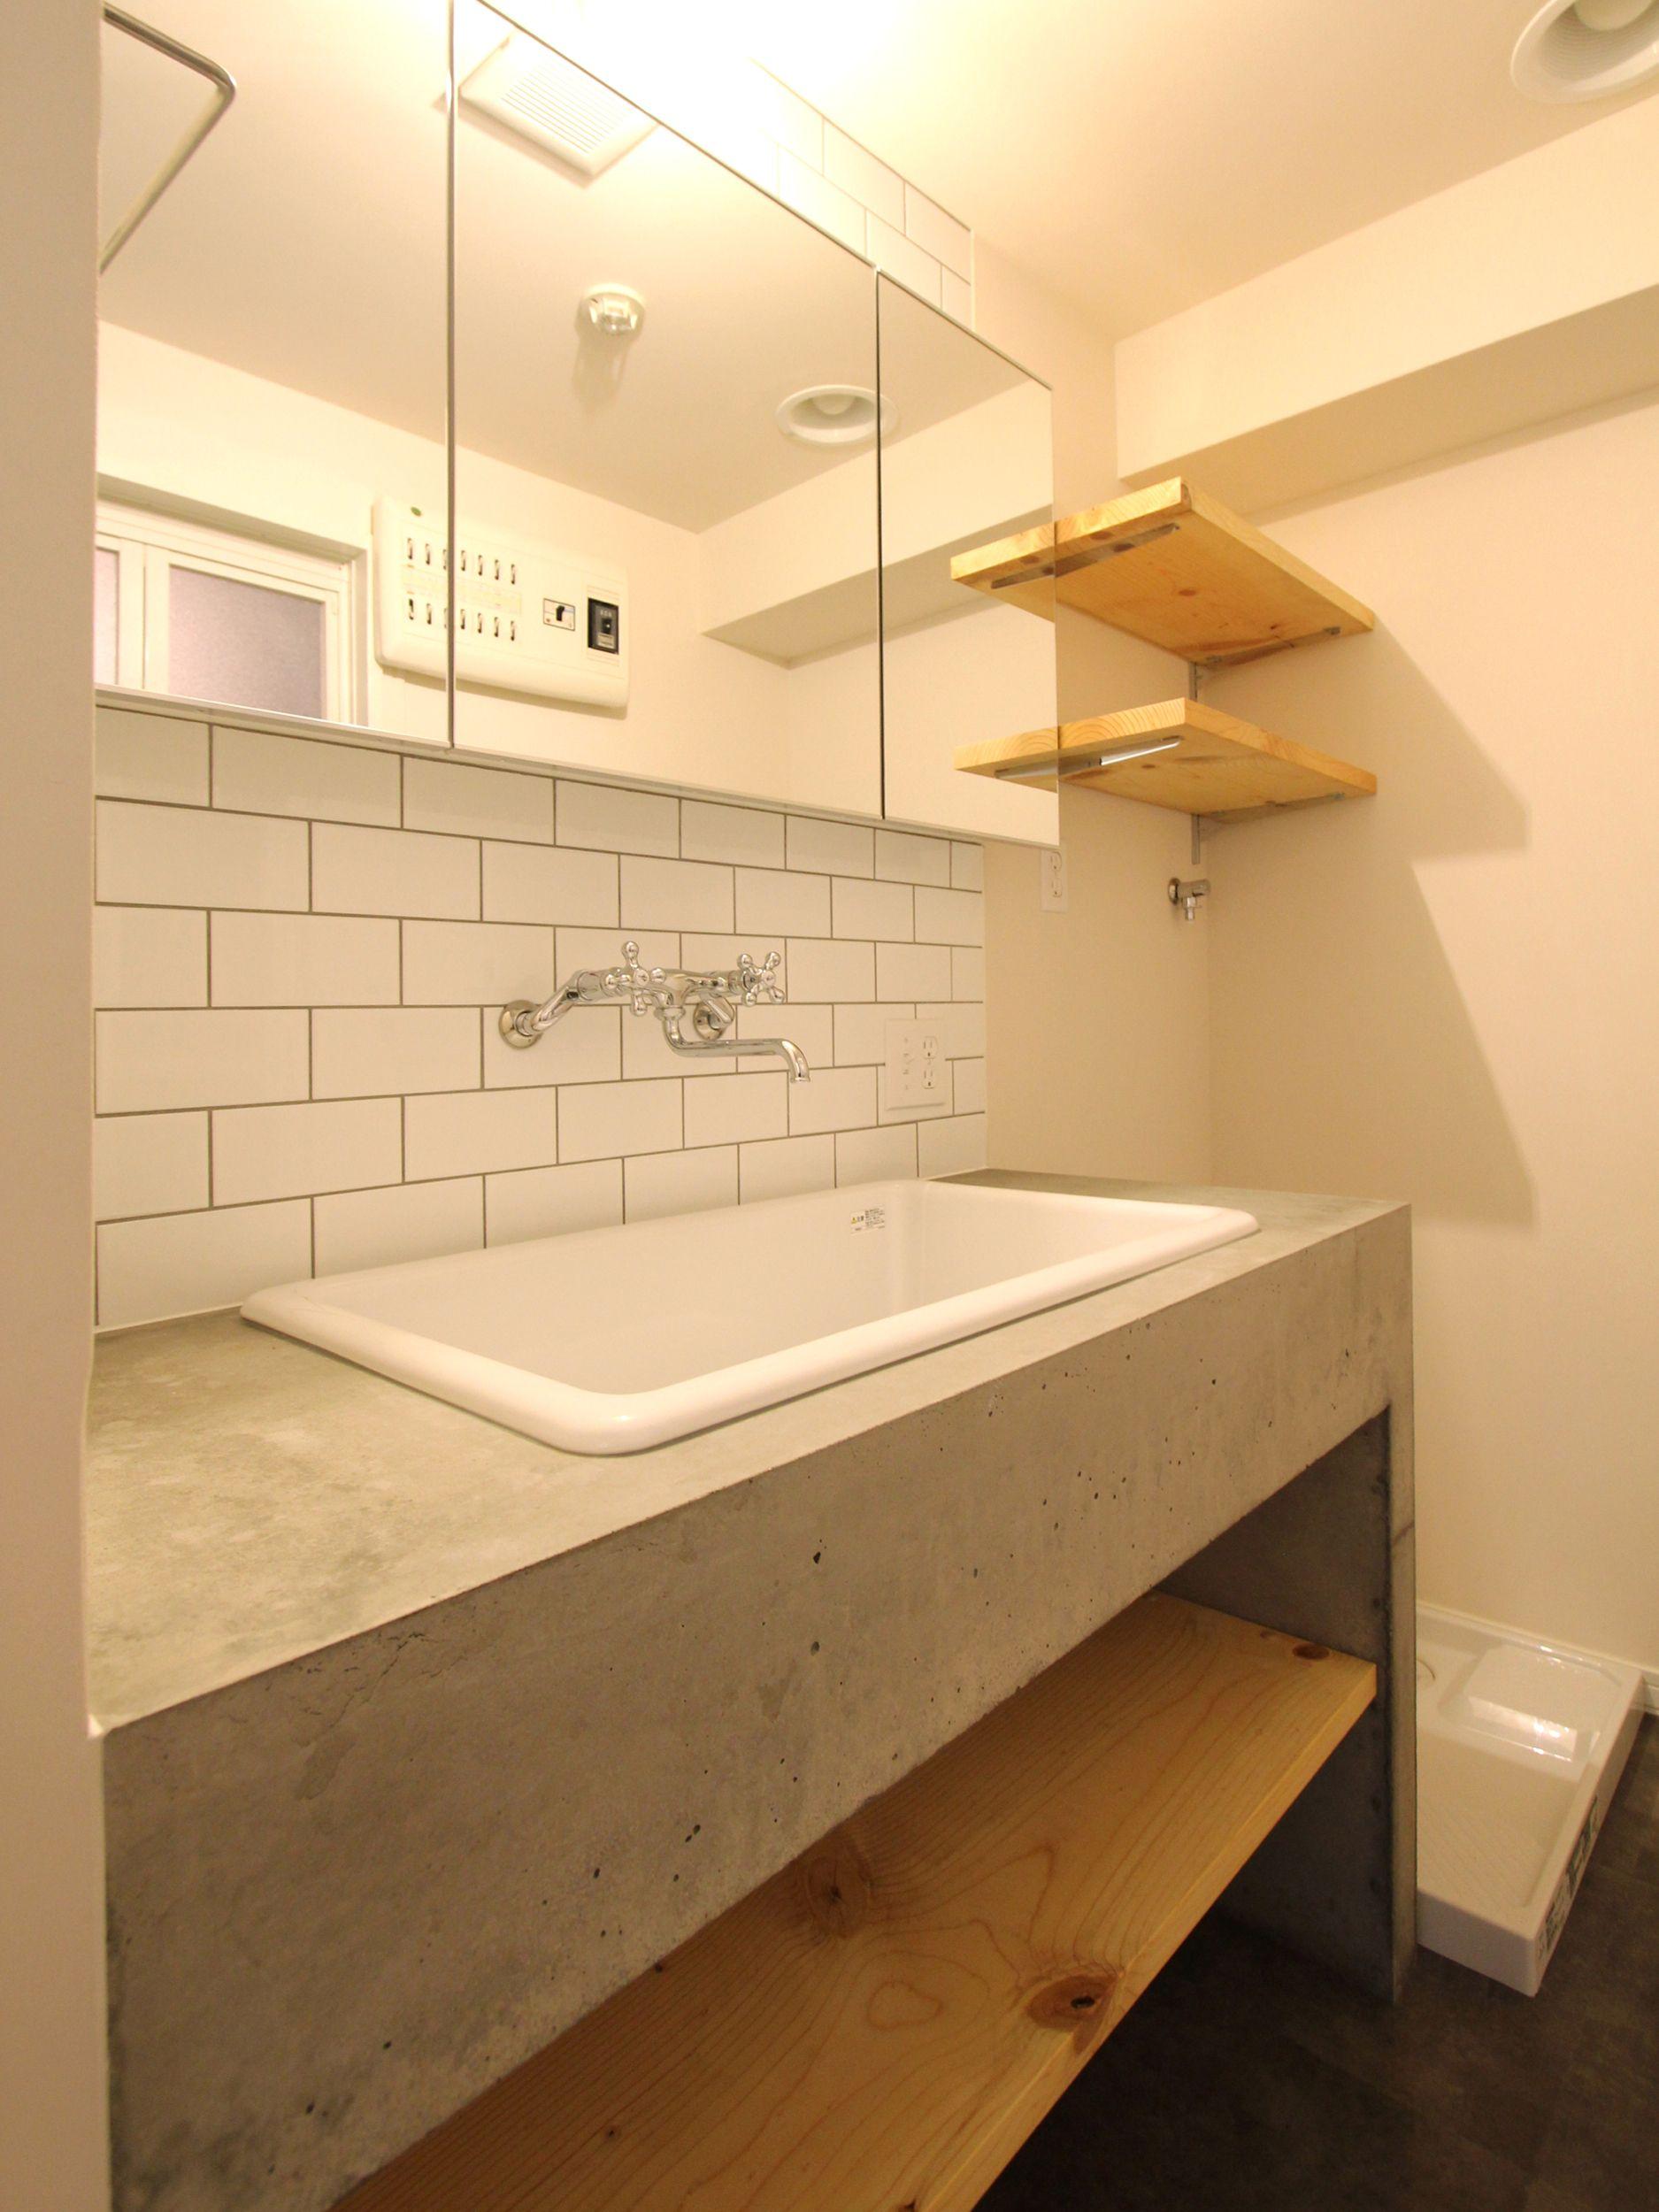 スモーキーな色使い 洗面所 リフォーム 造作 洗面台 モダンホーム